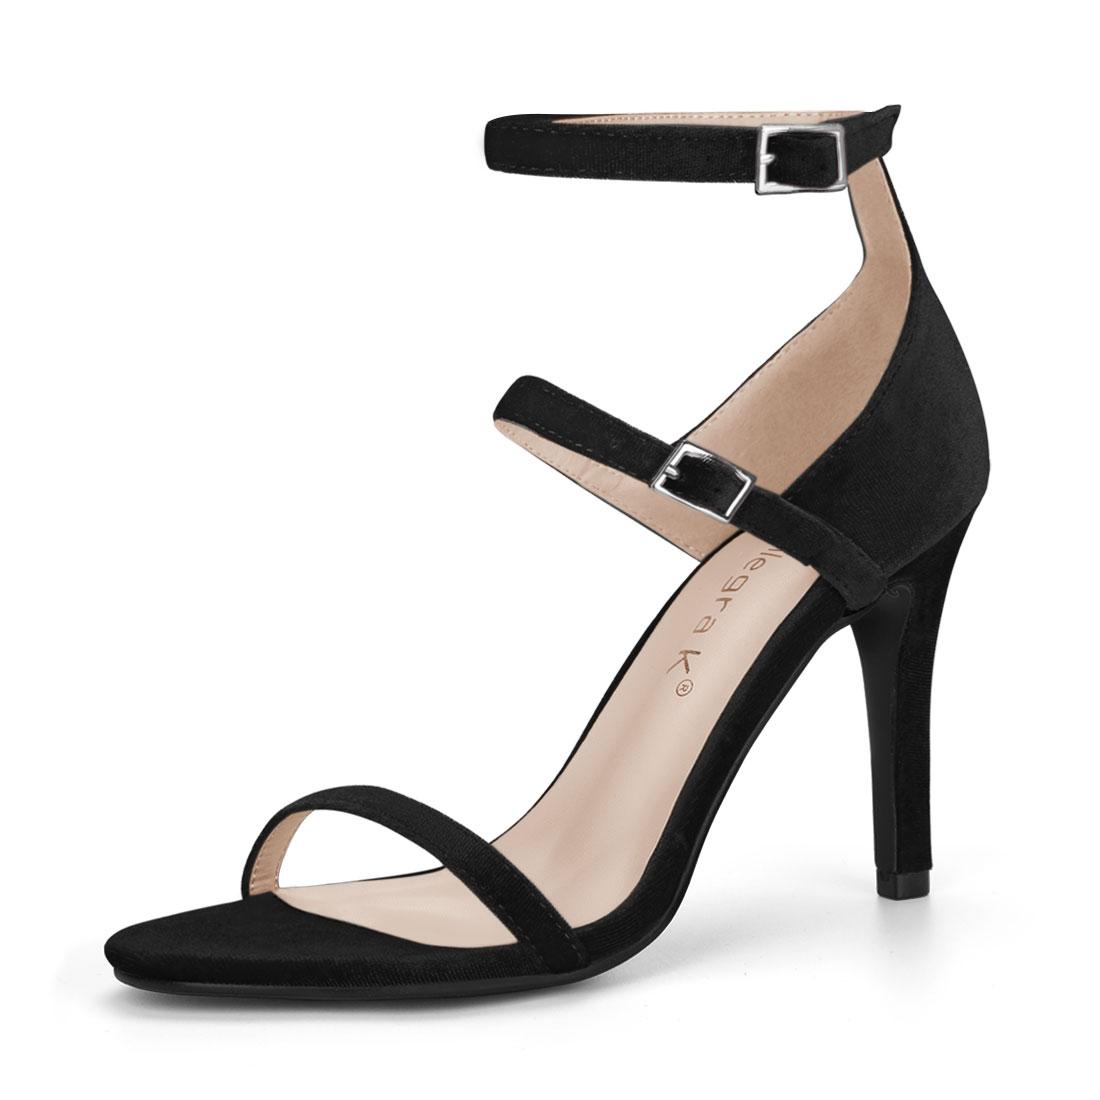 Women Open Toe Double Ankle Strap Stiletto Heel Sandals Black US 6